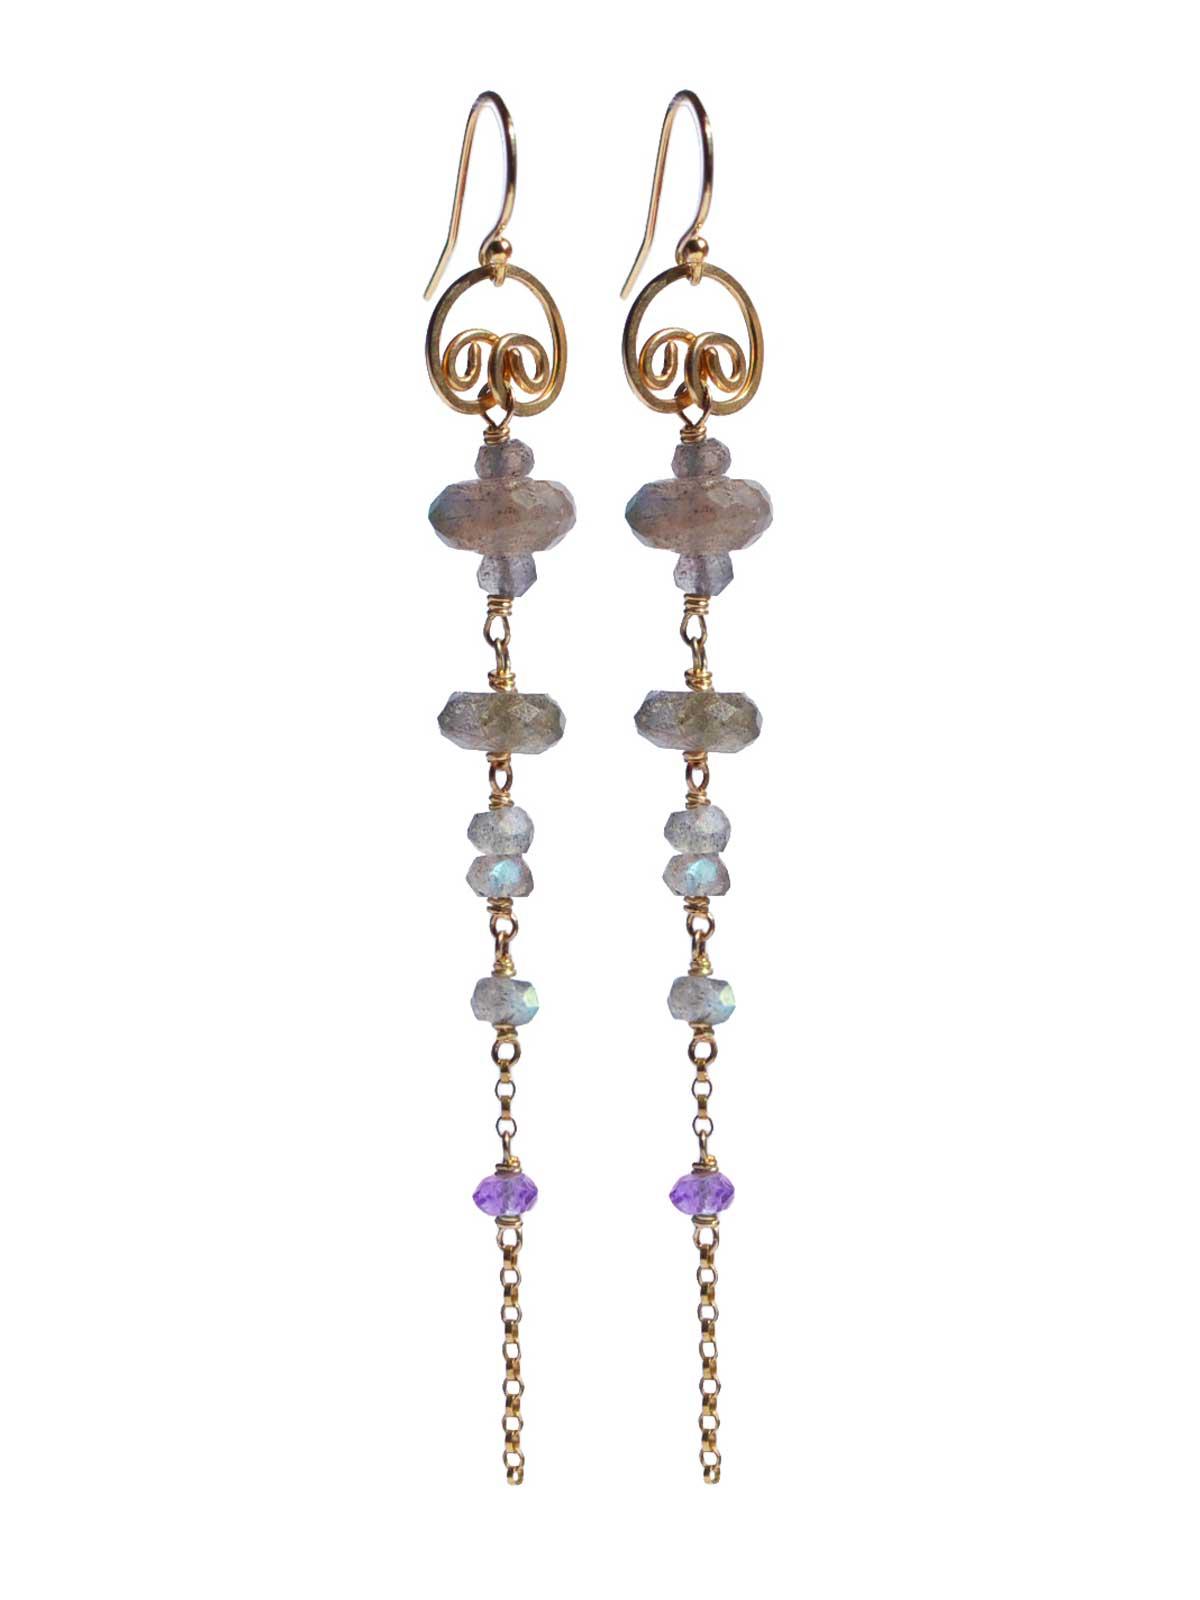 Labradorite Amethyst long earrings 14K Gold-filled